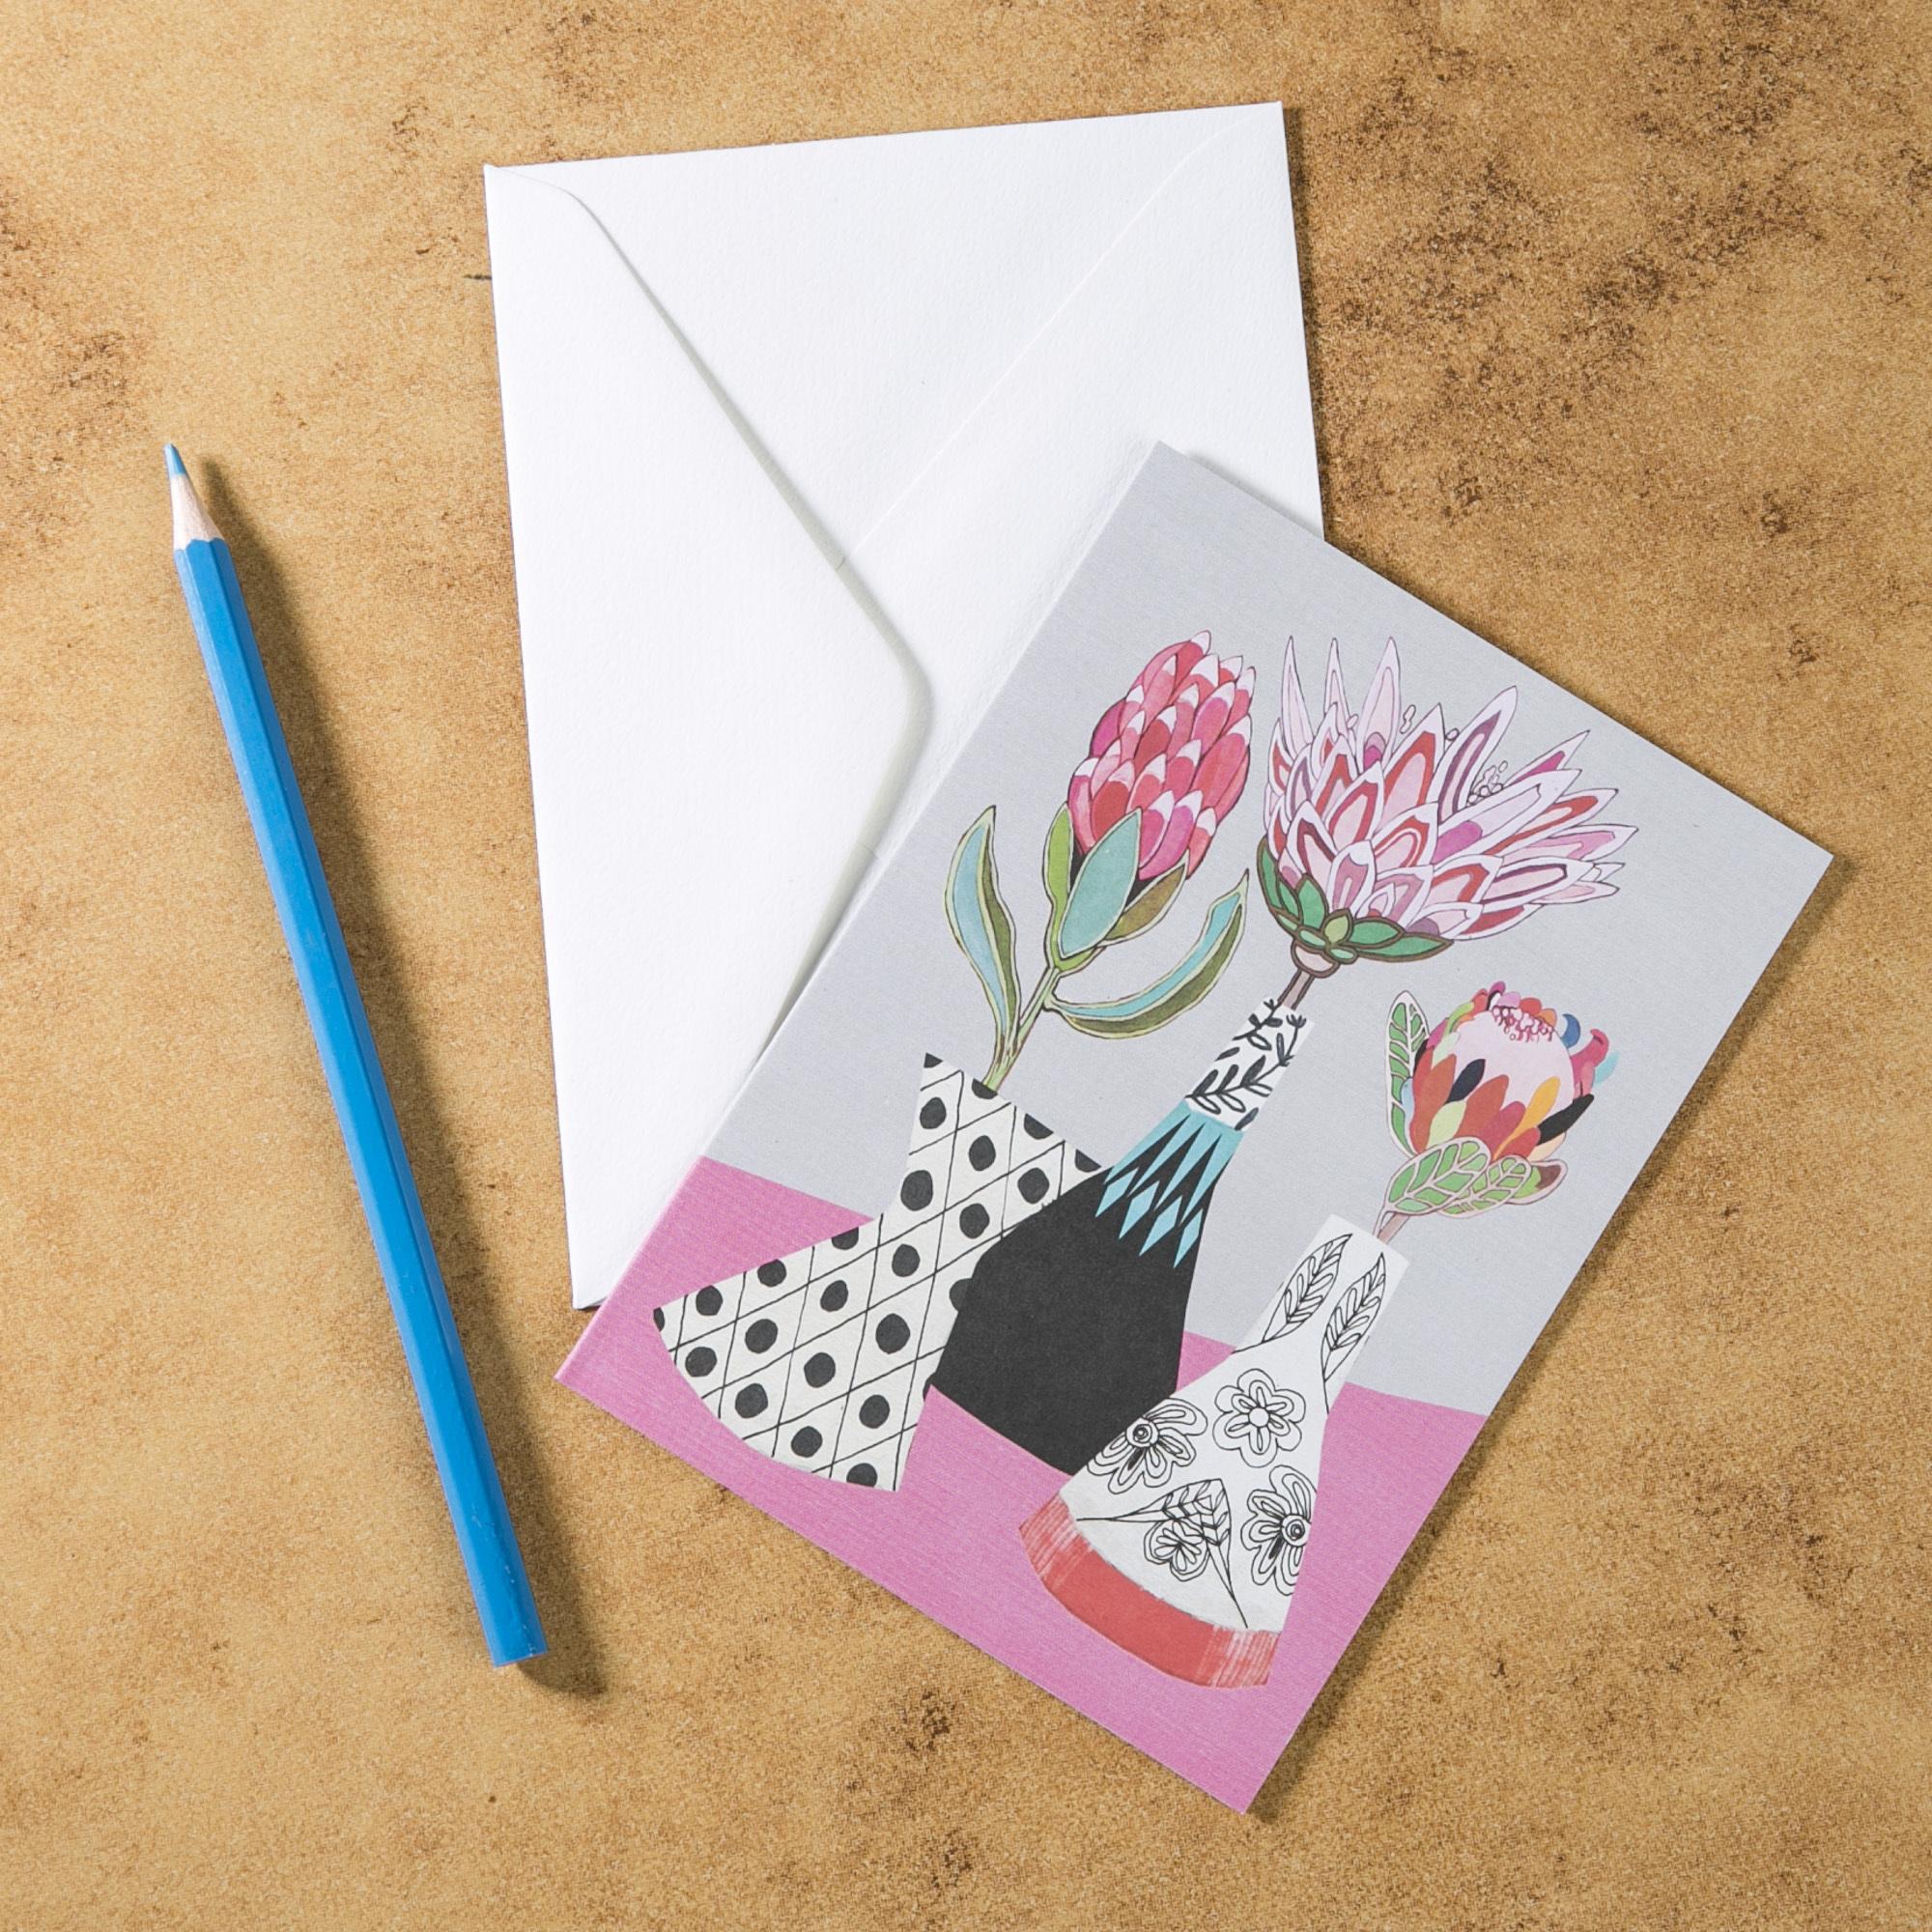 新西兰原产Tikitibu 原生花束 贺卡明信片创意生日贺卡 彩色